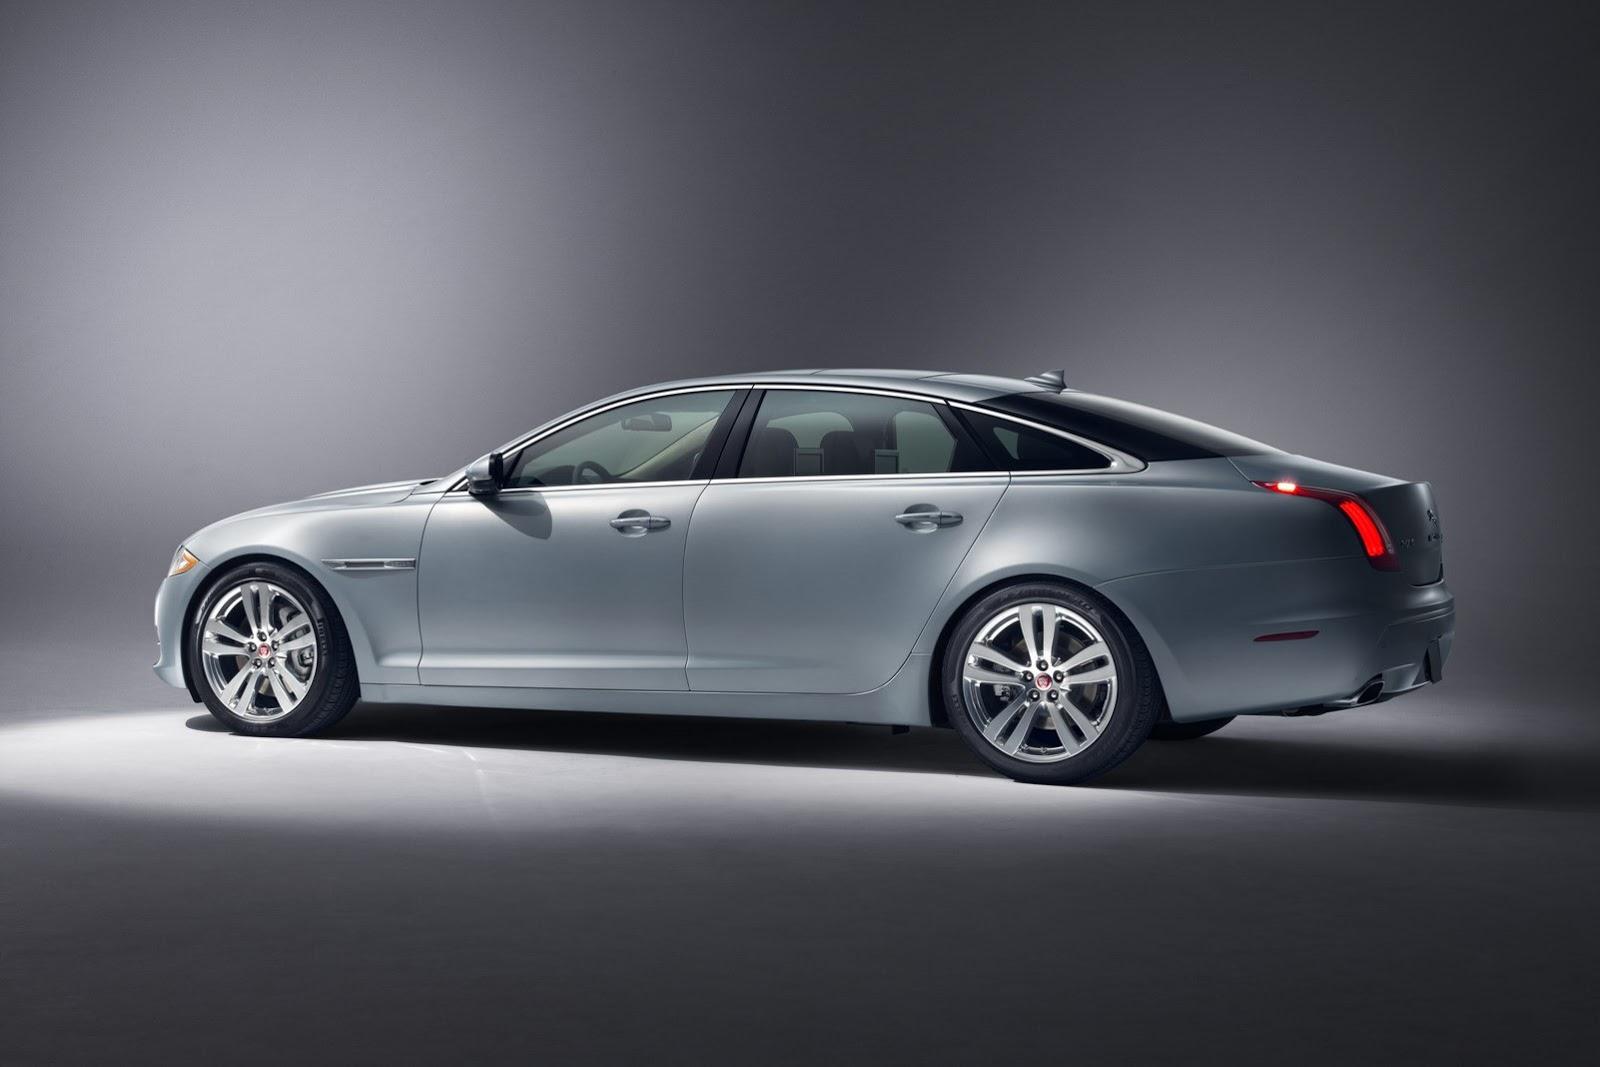 2014-Jaguar-XJ-2%25255B2%25255D.jpg